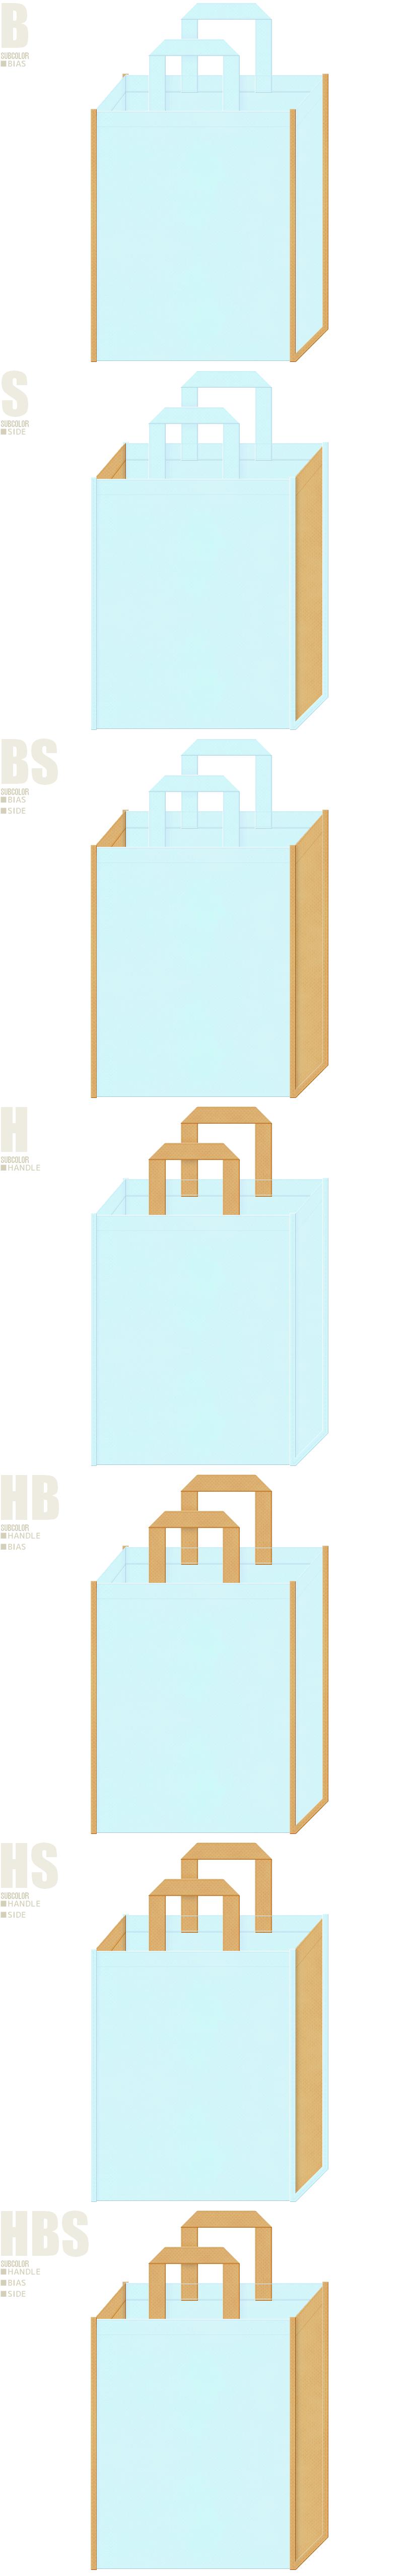 水色と明るめの黄土色-7パターンの不織布トートバッグ配色デザイン例。girlyな不織布バッグにお奨めです。